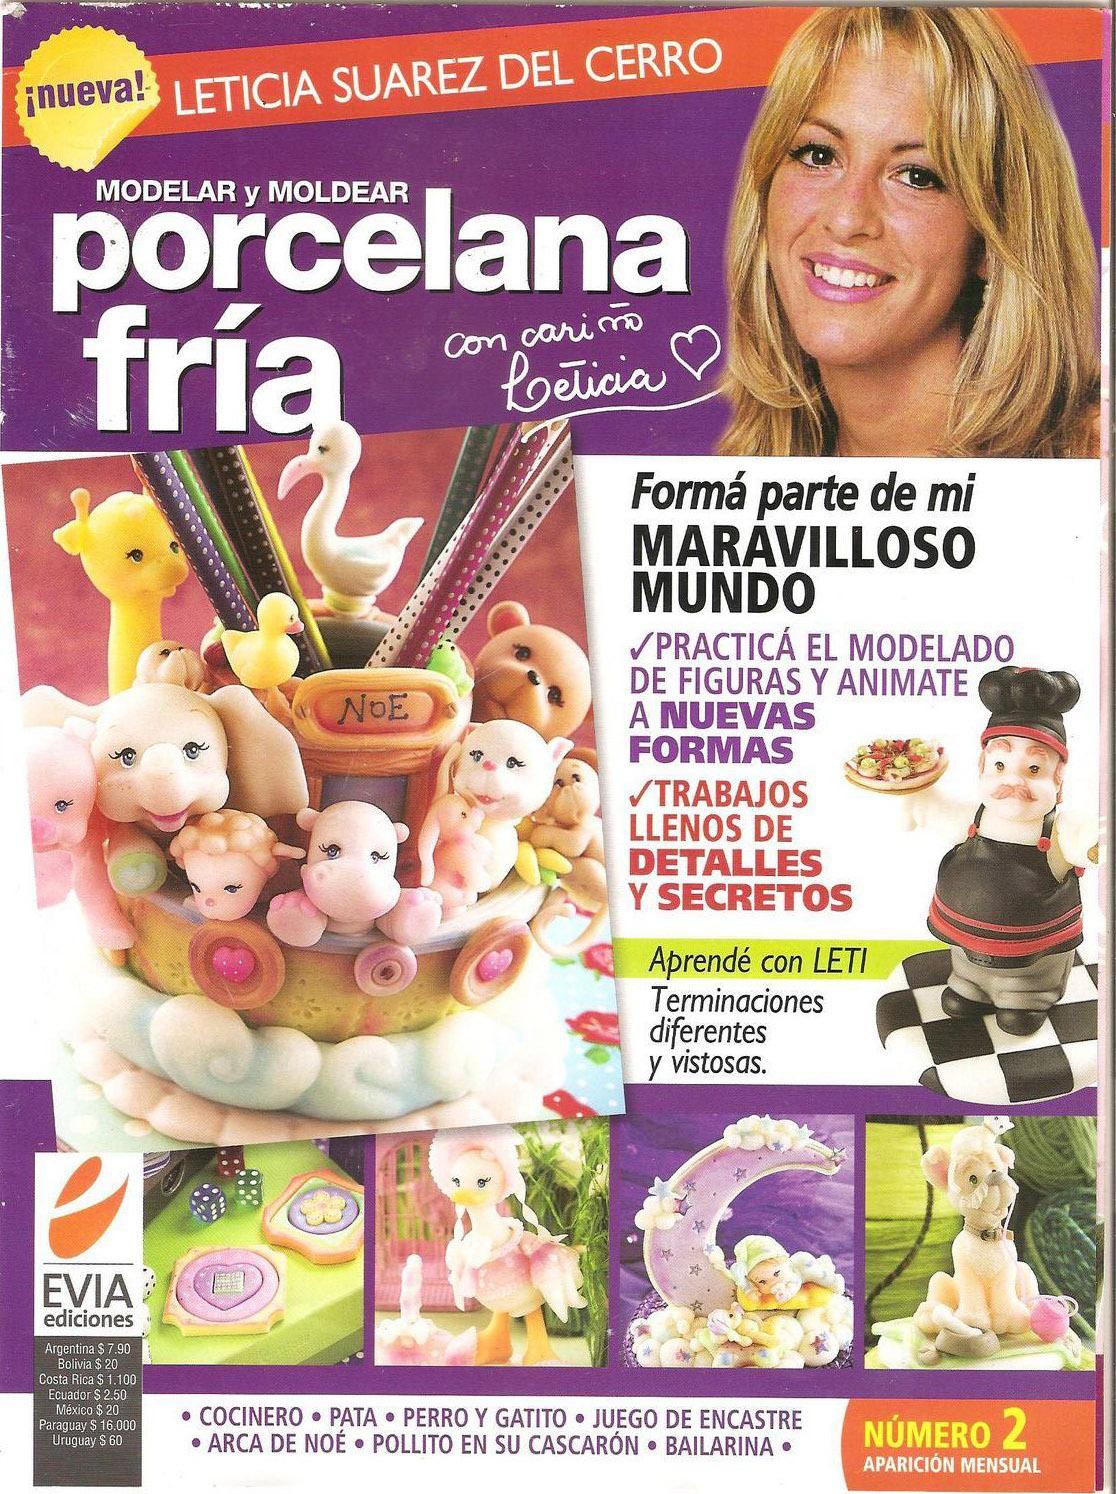 Moldelar y moldear porcelana fría Nro. 02 – Leticia Suárez del Cerro